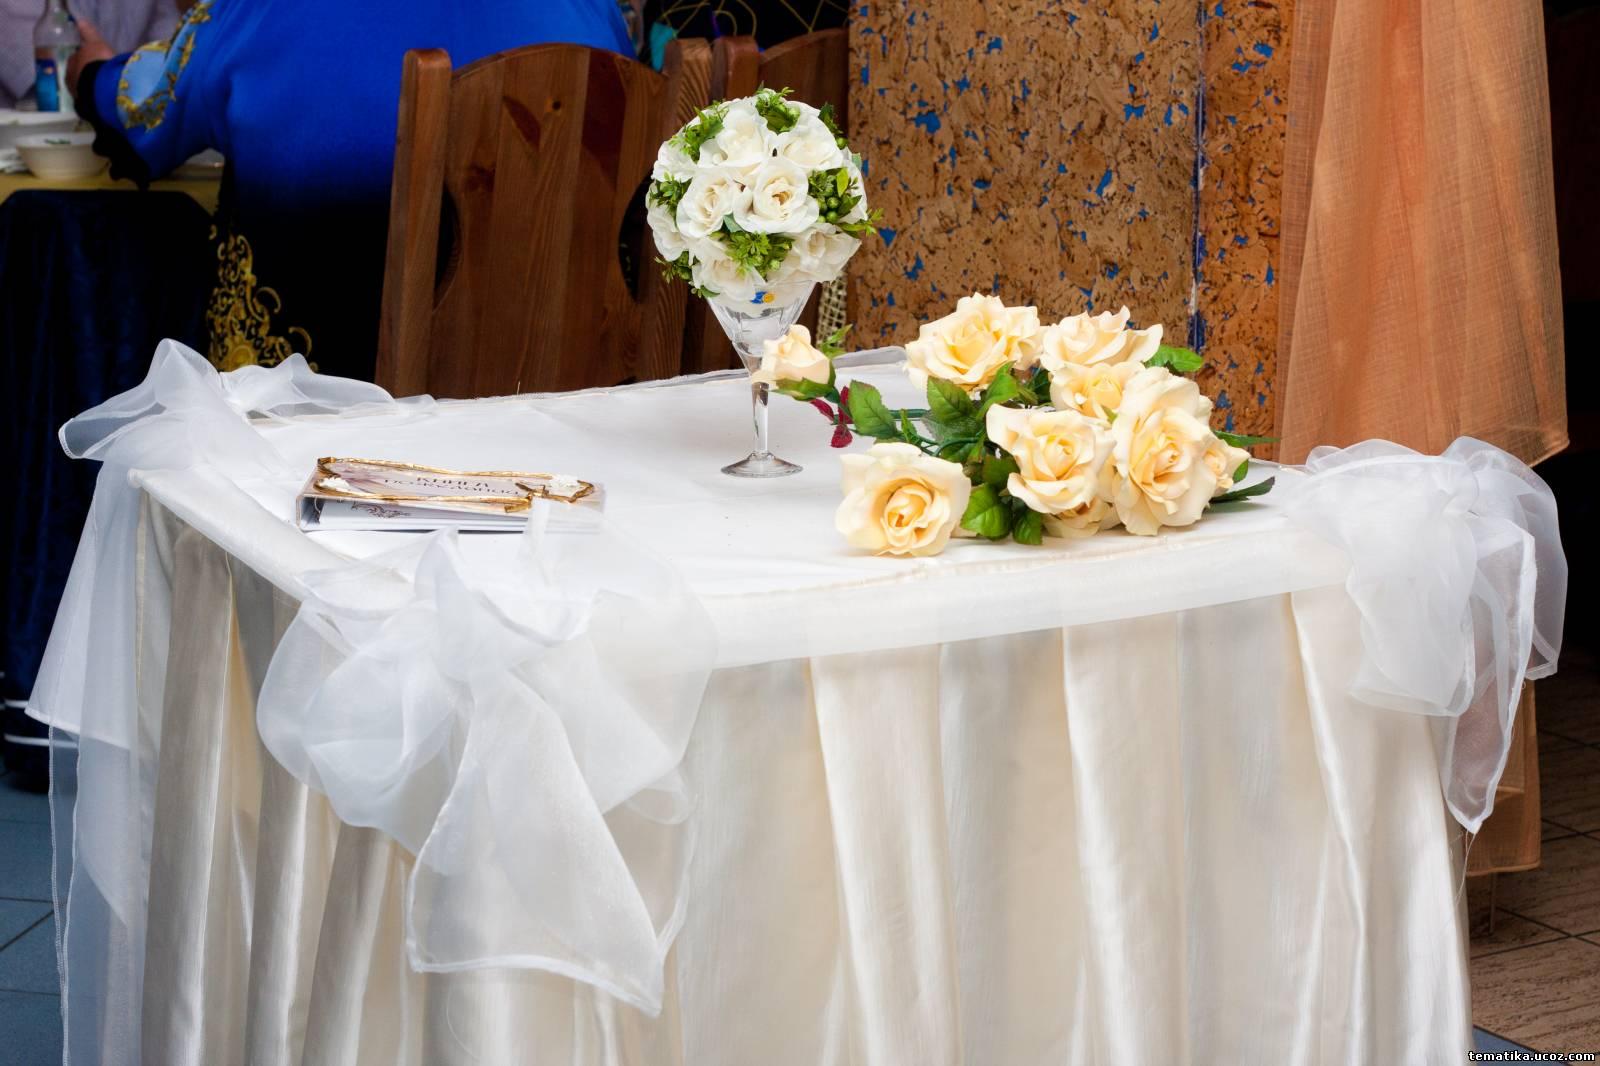 zona-dlya-podarkov-na-svadbe Зона для подарков молодоженам на свадьбе